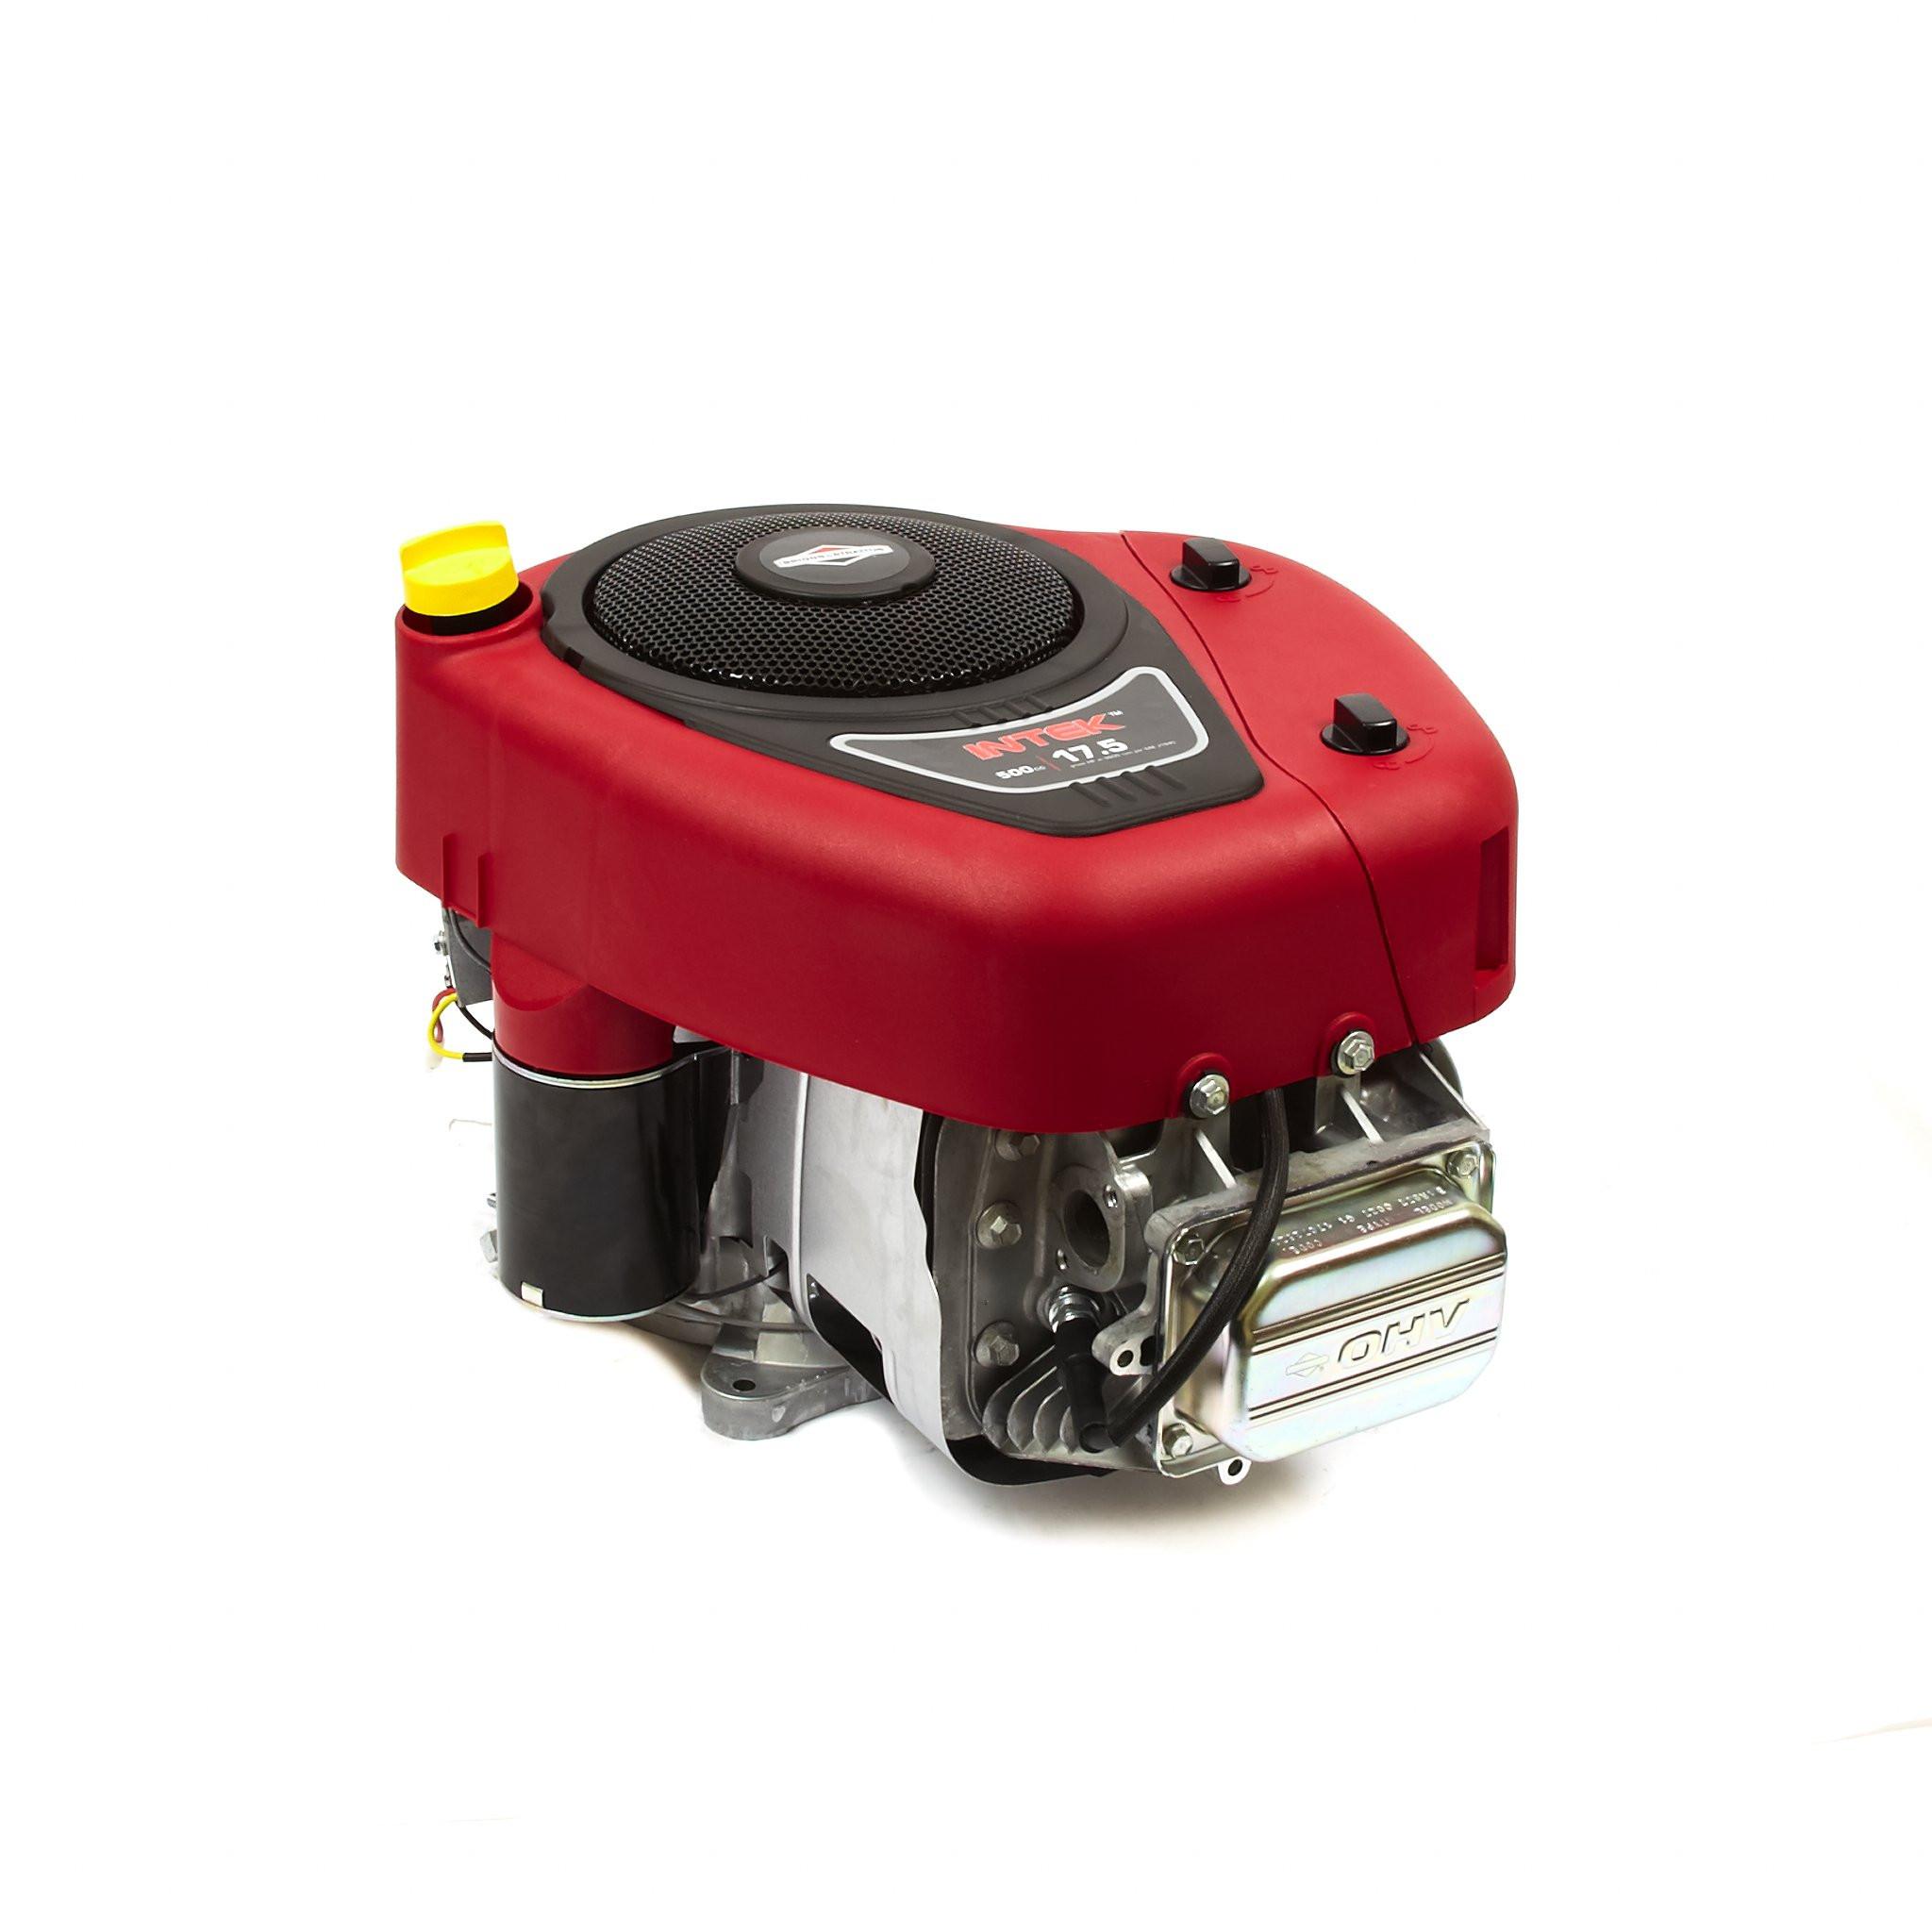 17.5 Briggs Parts 17.5 Hp Intek Engine Of 17.5 Briggs Parts